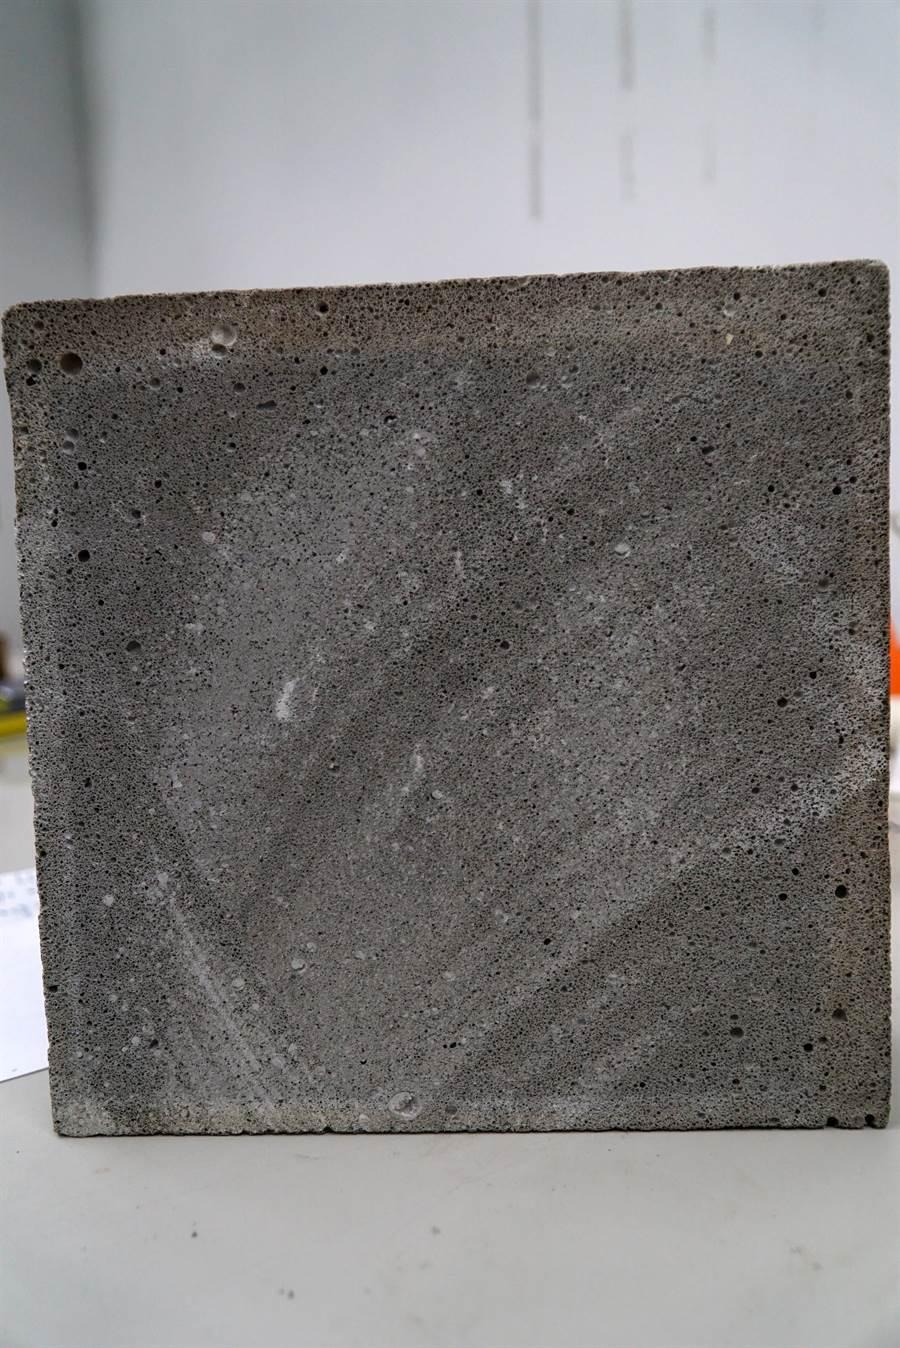 大葉大學工學院研發的漂浮水泥密度低,密度僅0.5,非常輕巧 。(謝瓊雲翻攝)